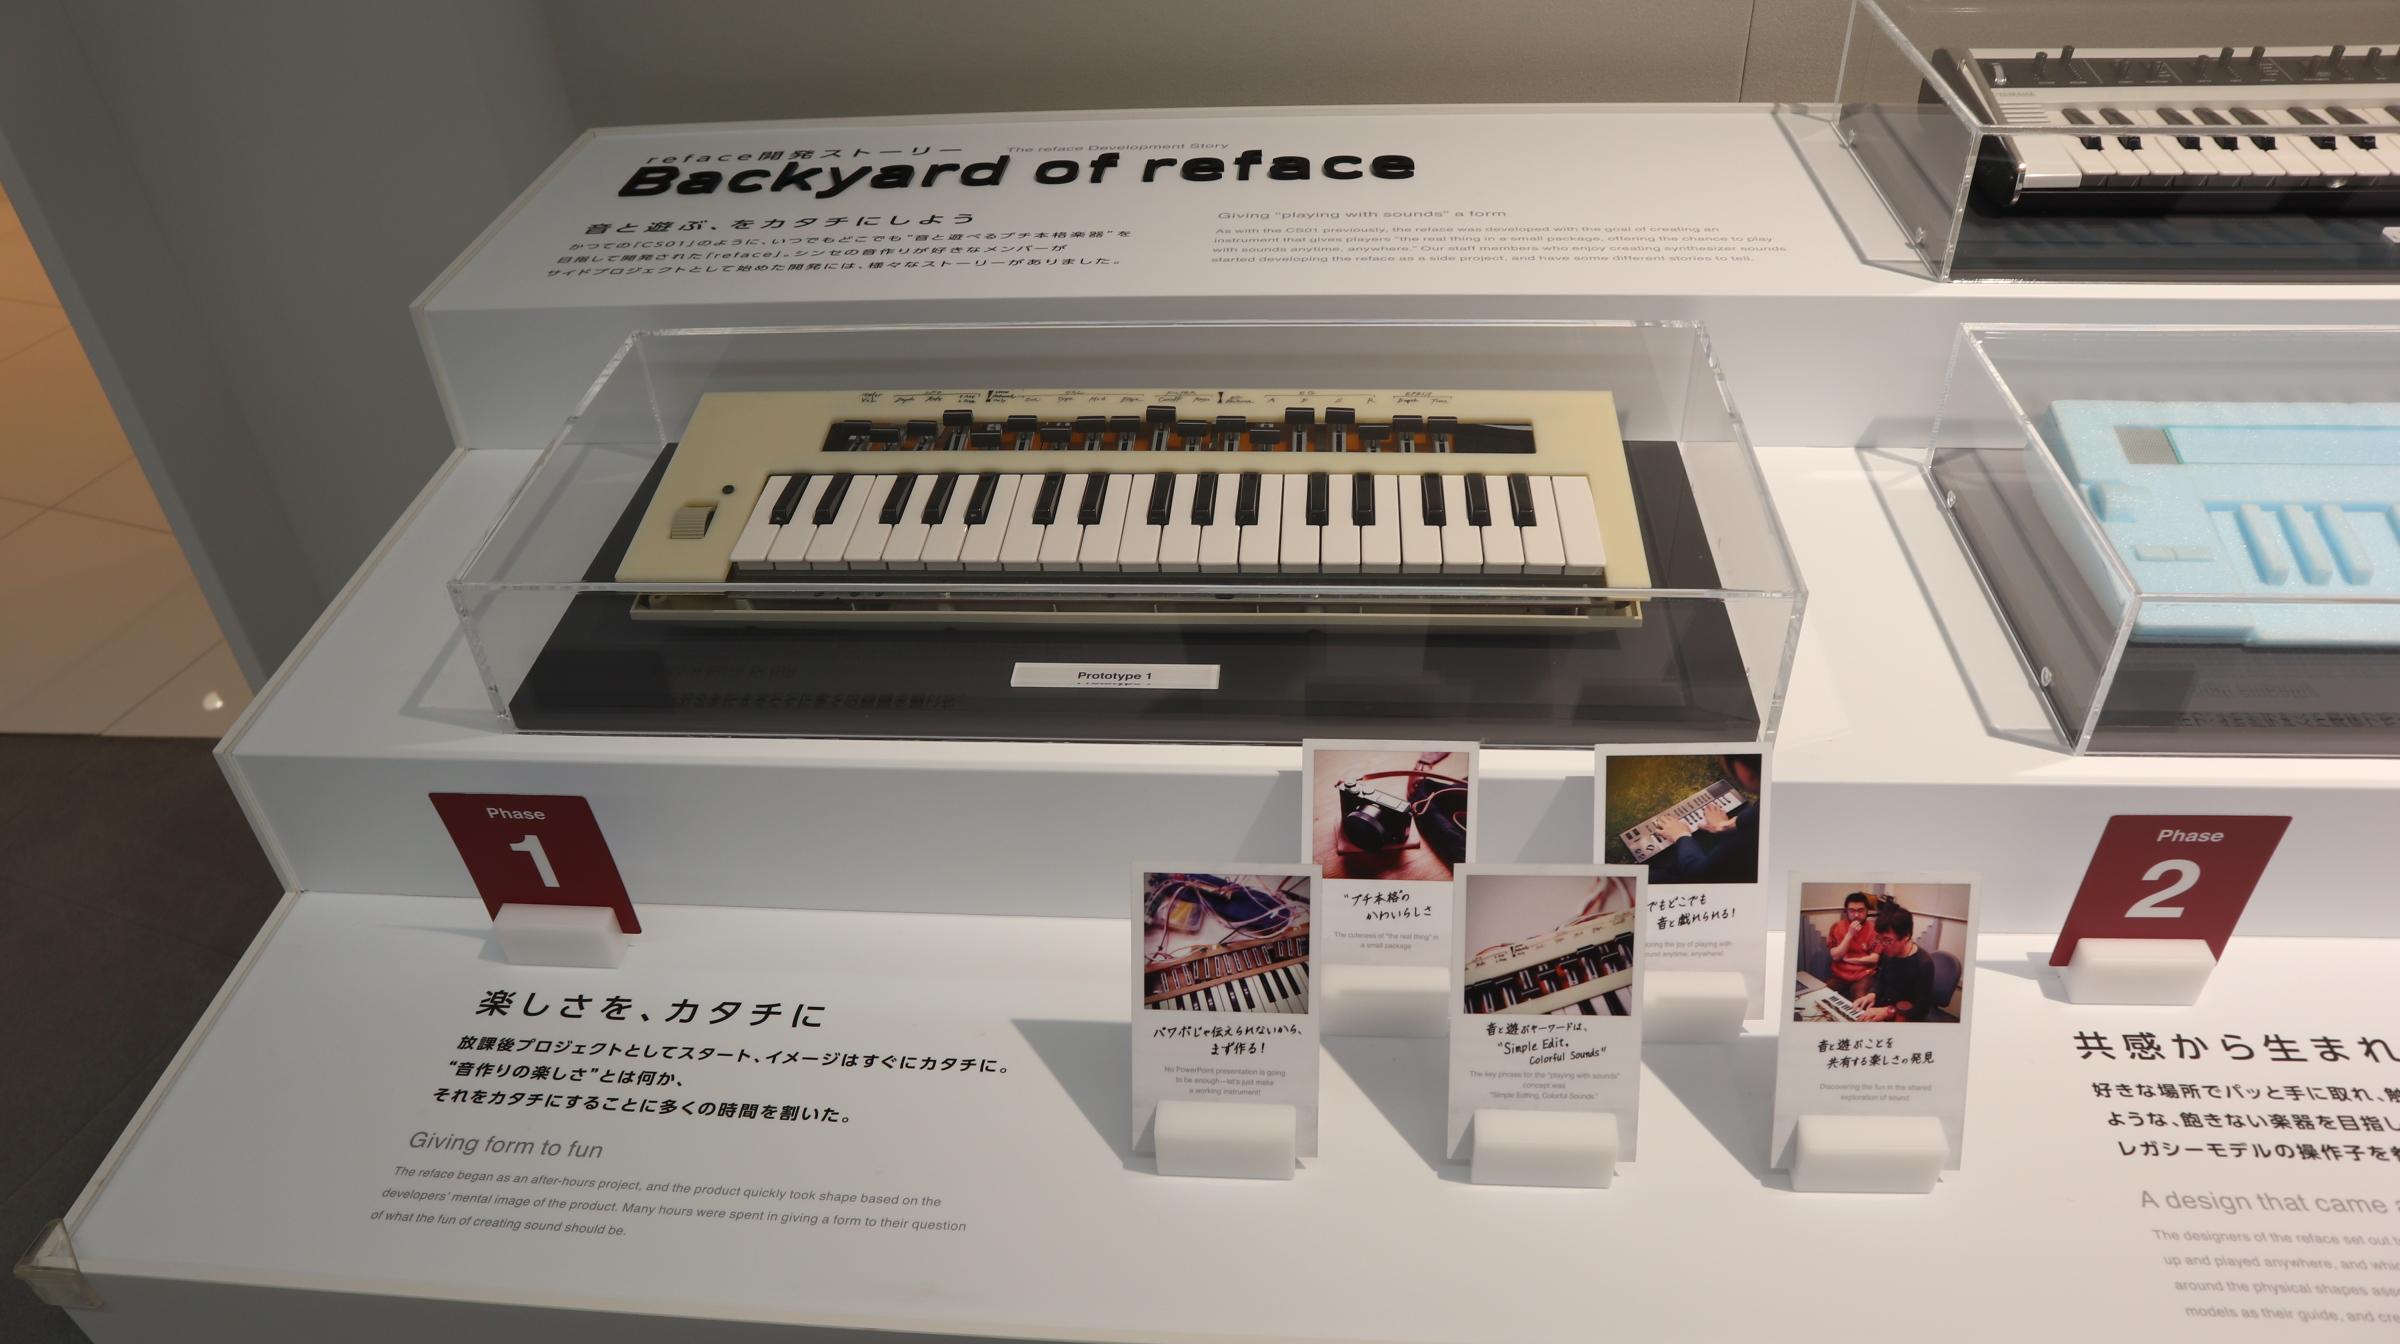 Prototype Reface unit